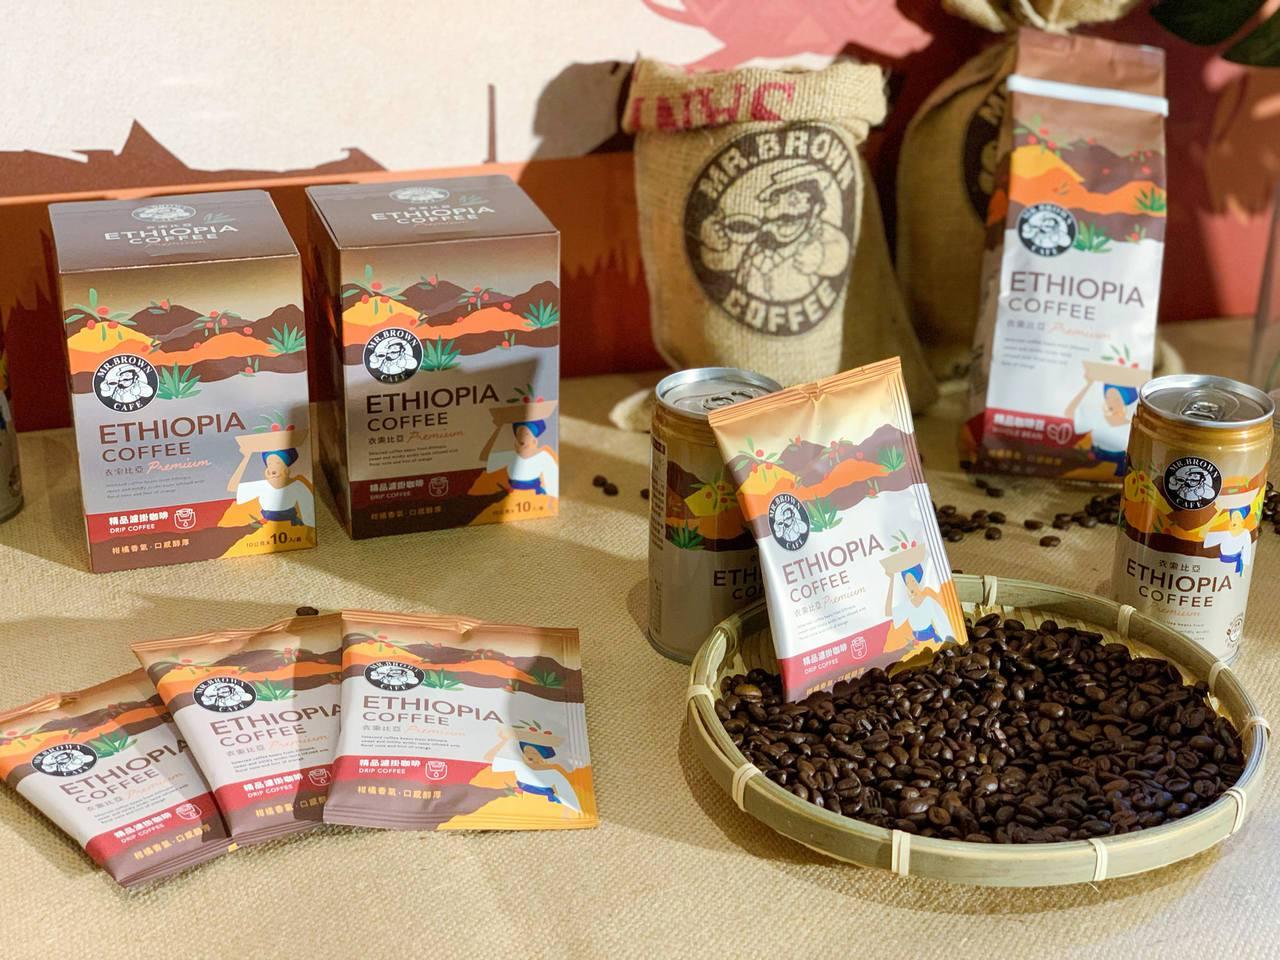 新品「伯朗精品濾掛咖啡-衣索比亞」每盒10包。記者徐力剛/攝影